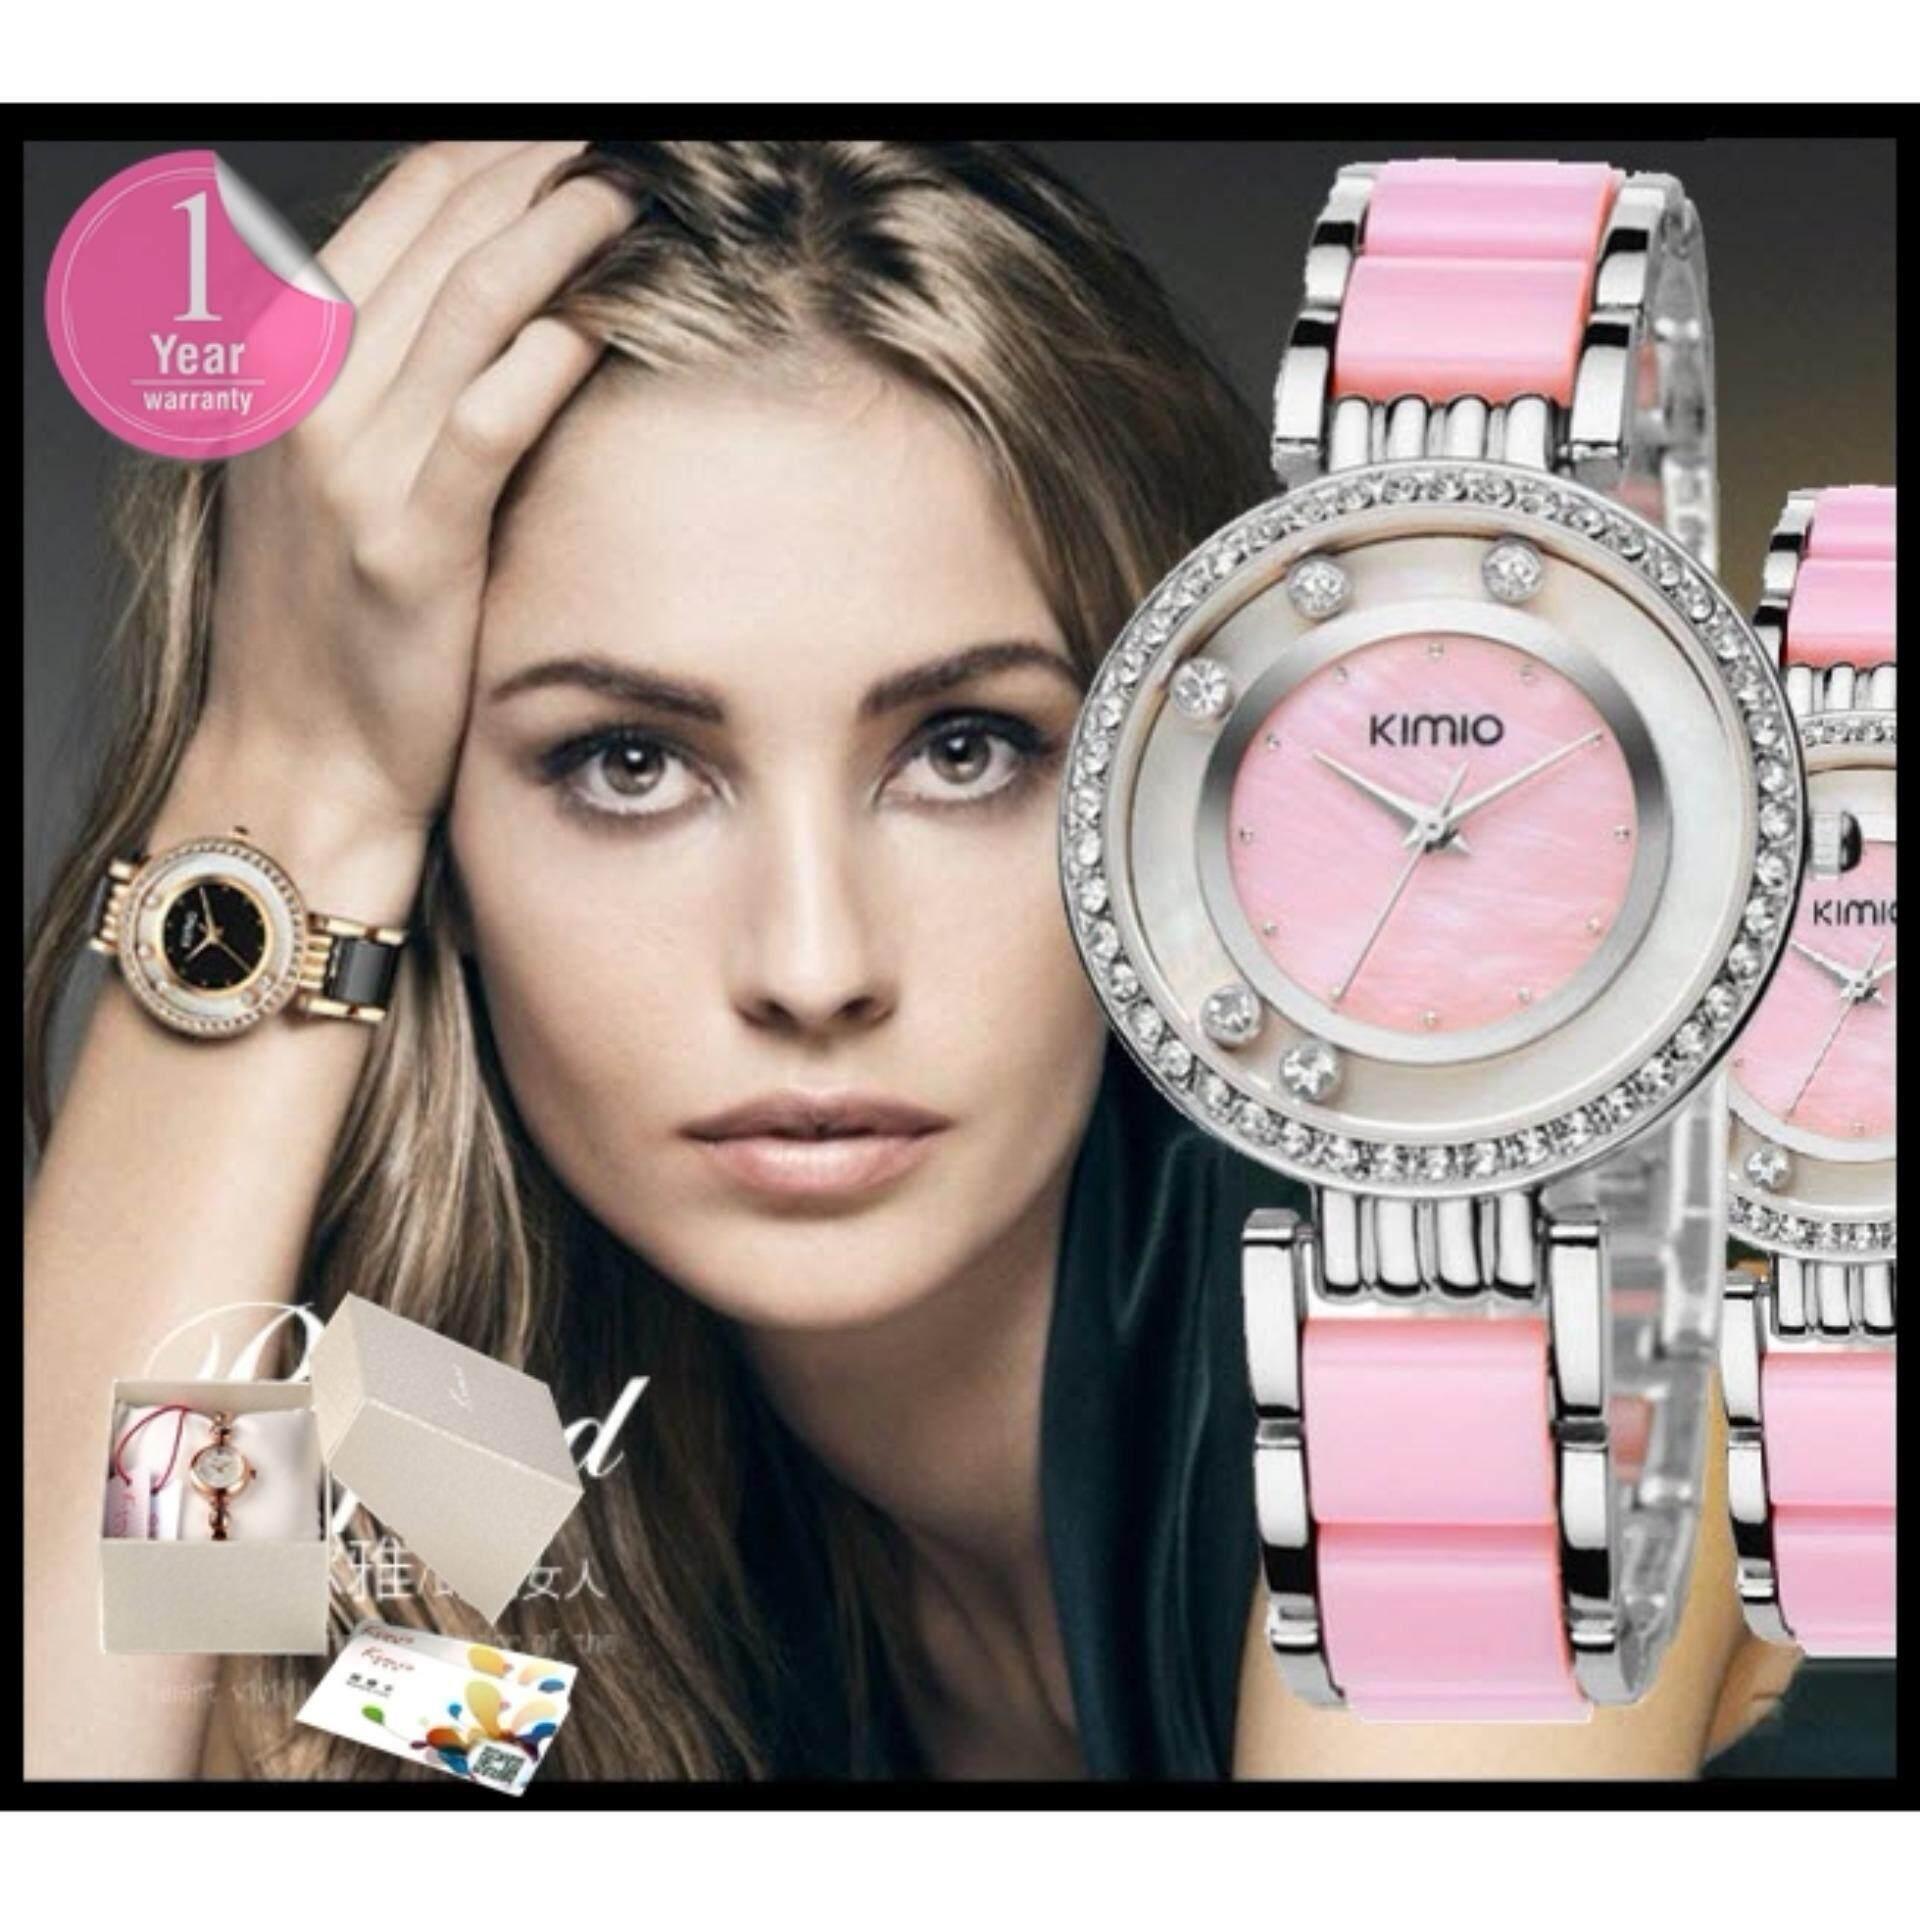 ราคา Kimio นาฬิกาข้อมือสุภาพสตรี ประดับคริสตัล สาย Alloy รุ่น K485 สีชมพู เงิน ถูก